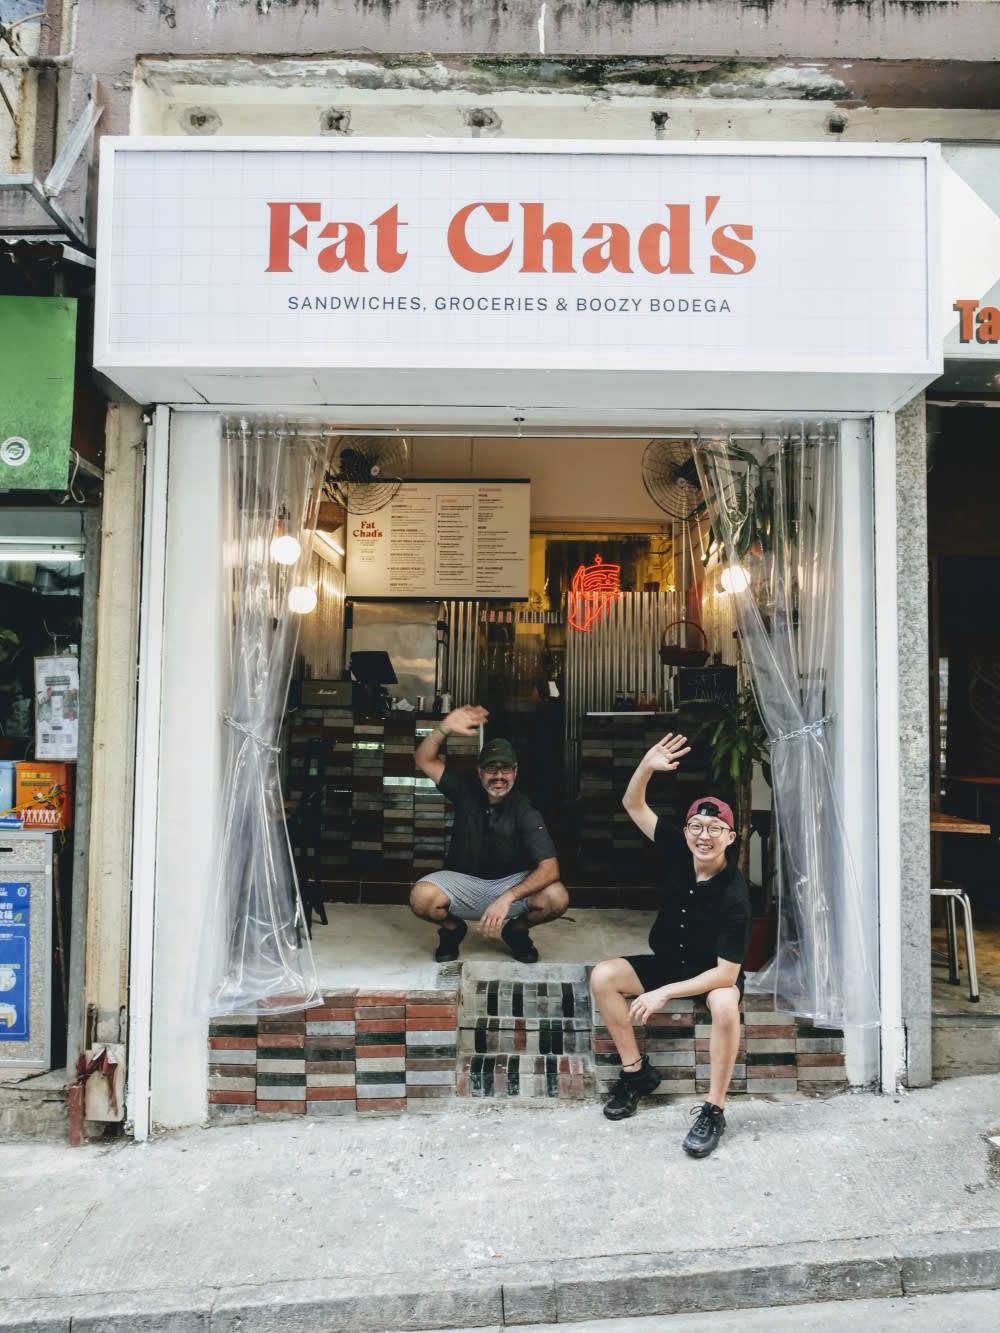 Fat Chad's Hong Kong